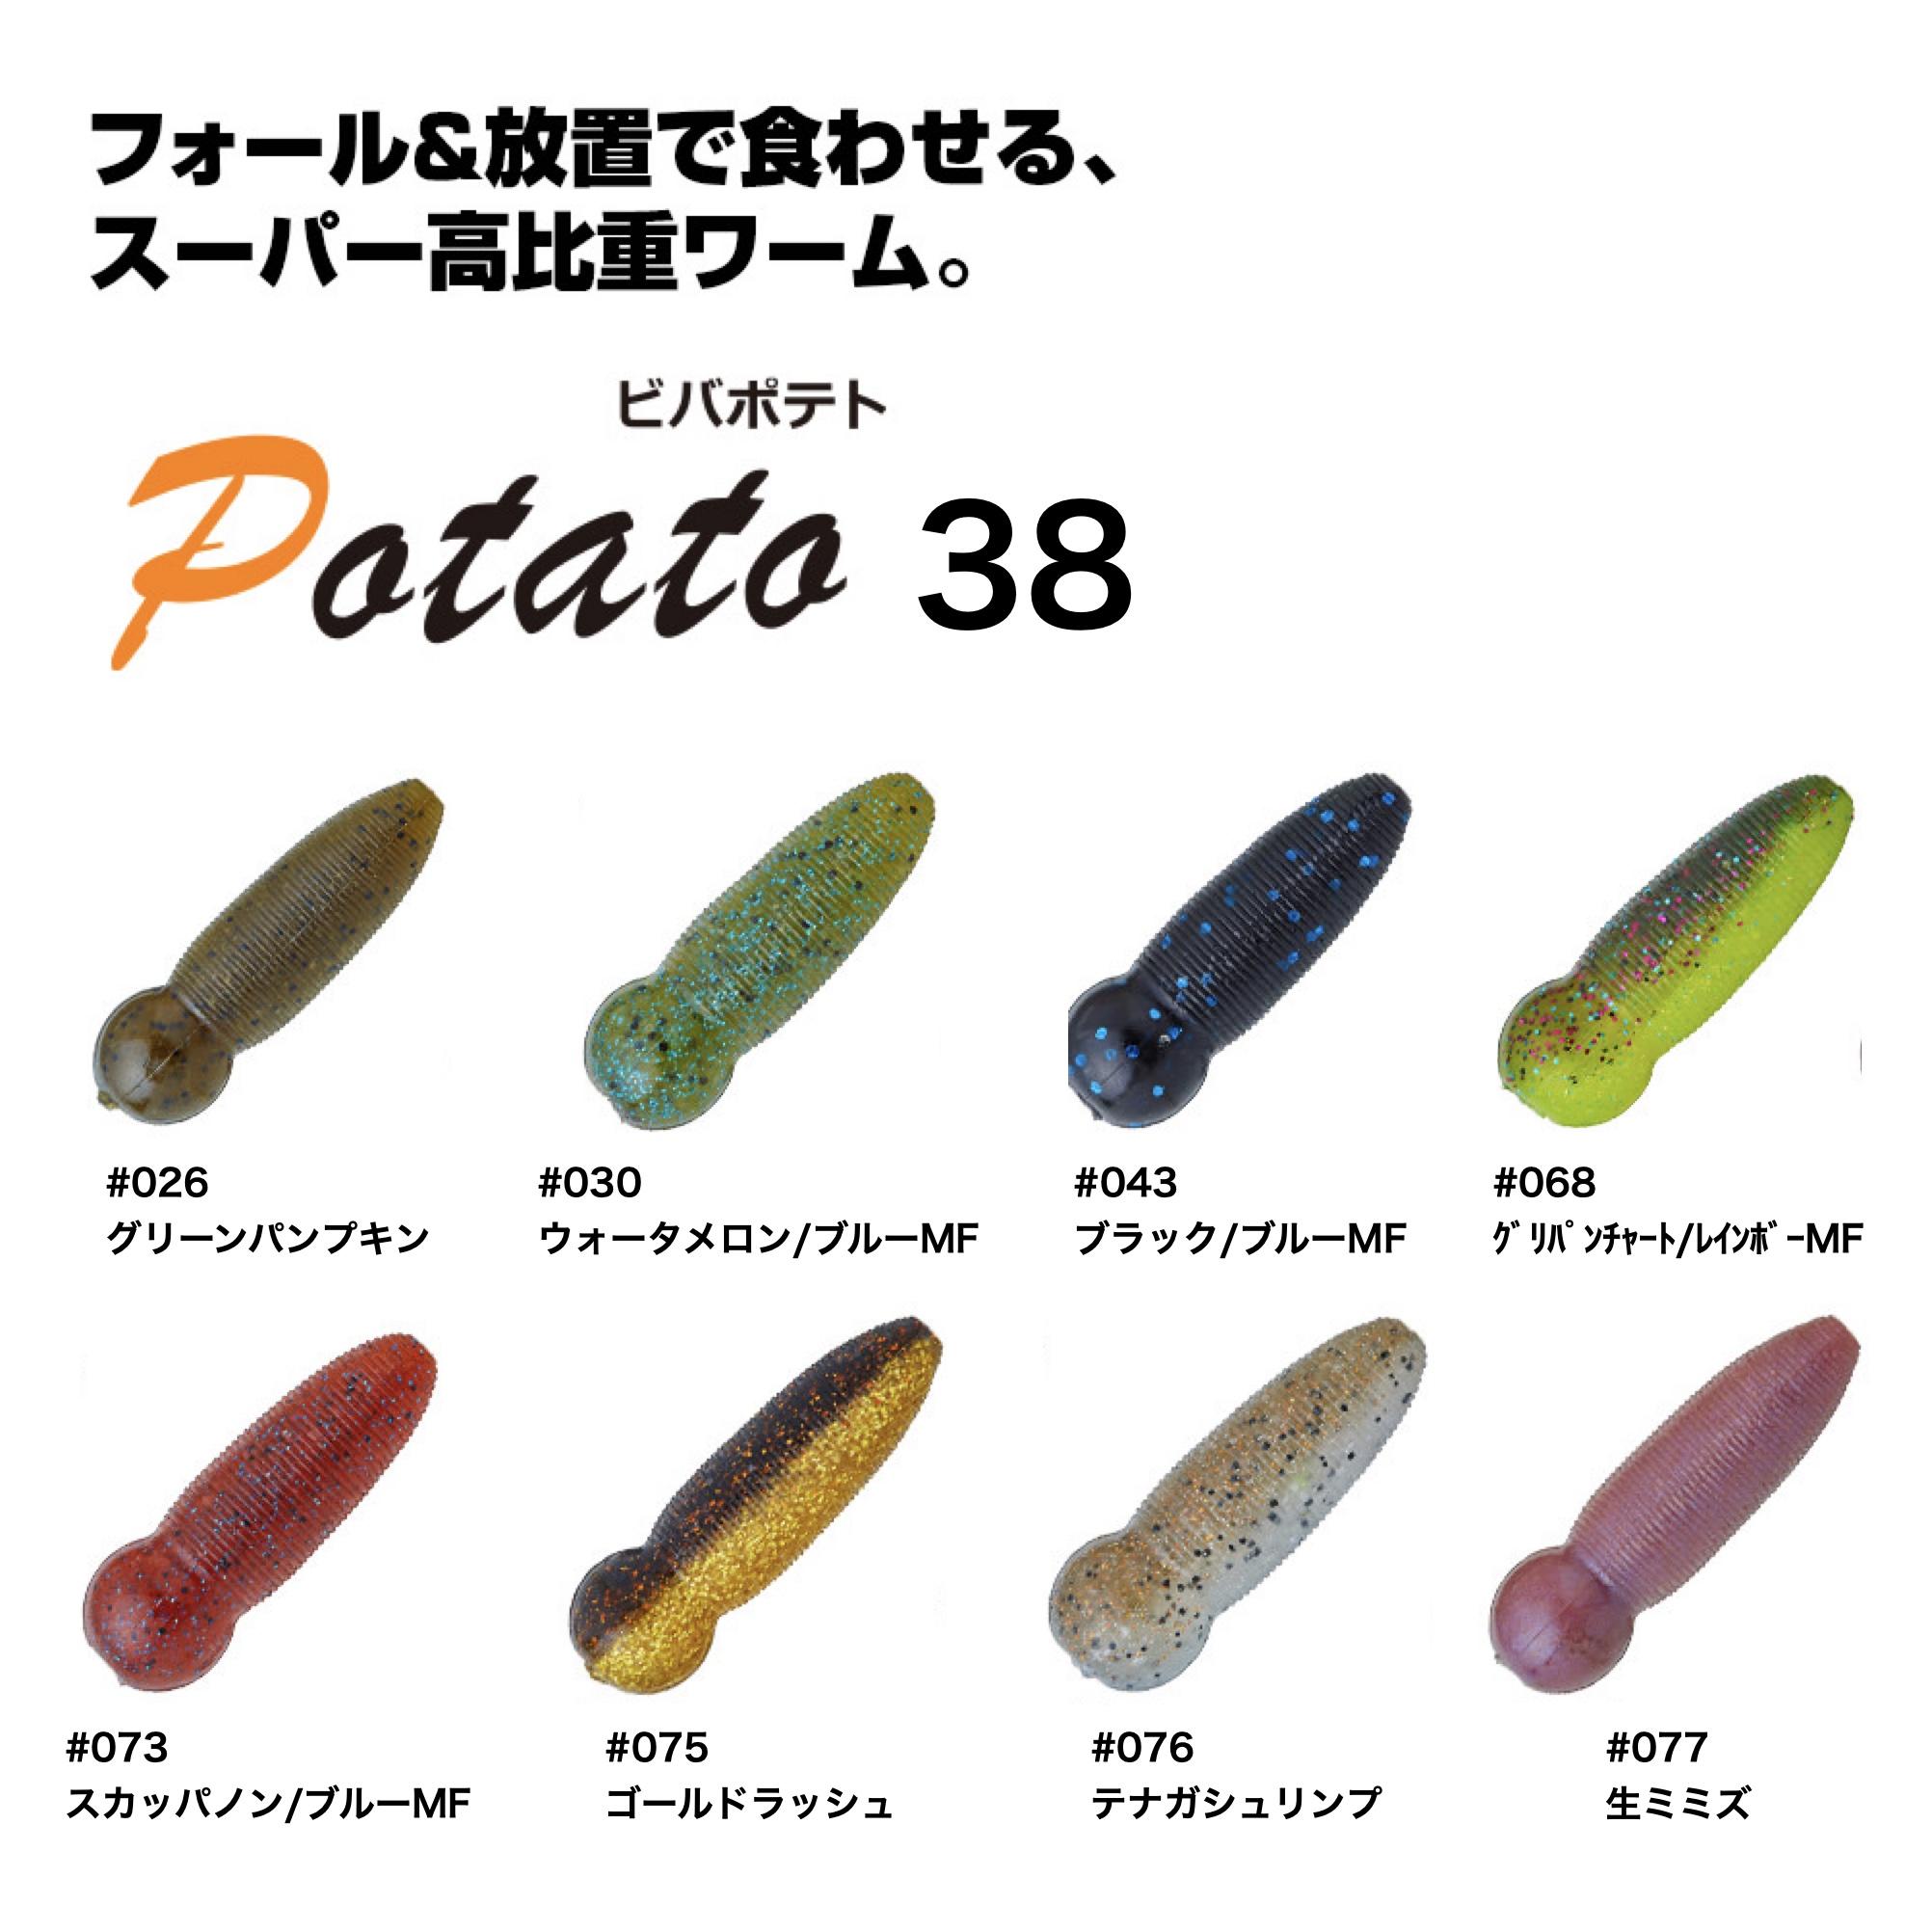 ビバ ポテト 38